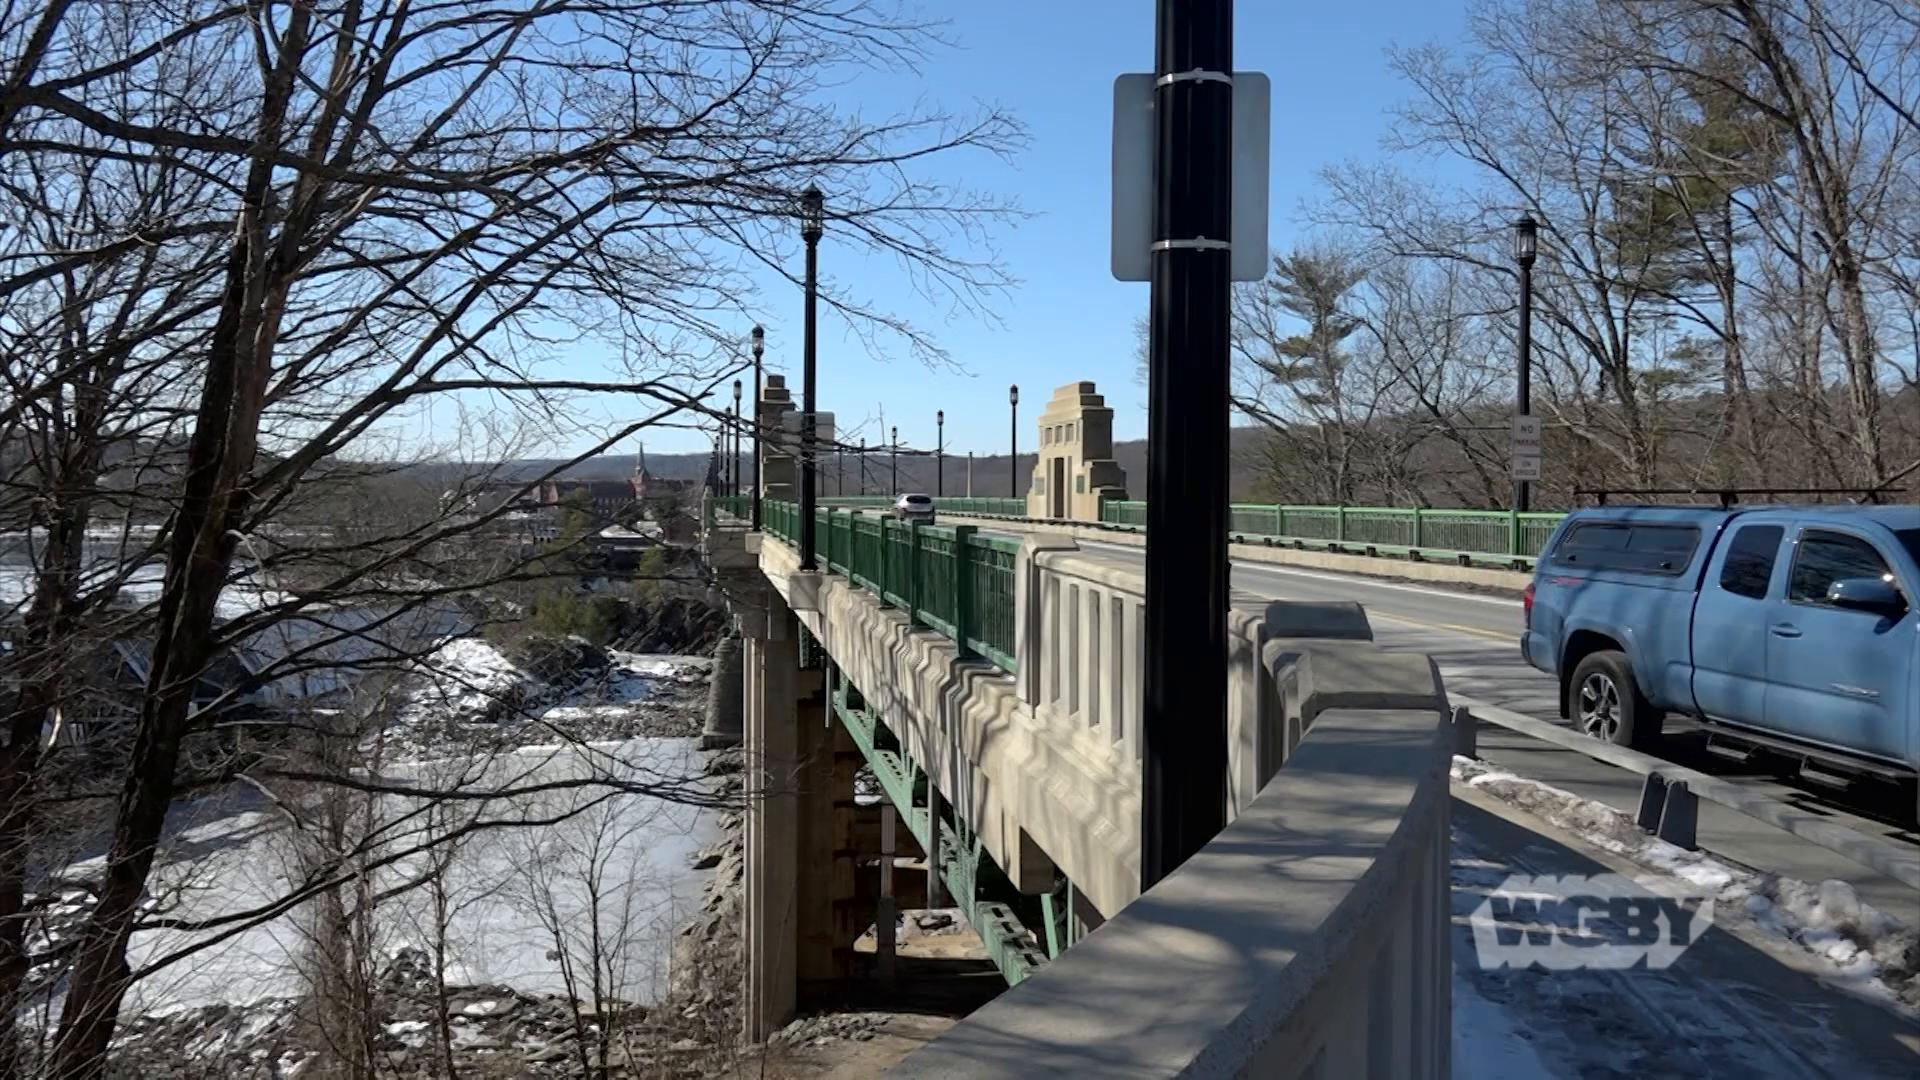 Montague Bridge Construction Causes Congestion